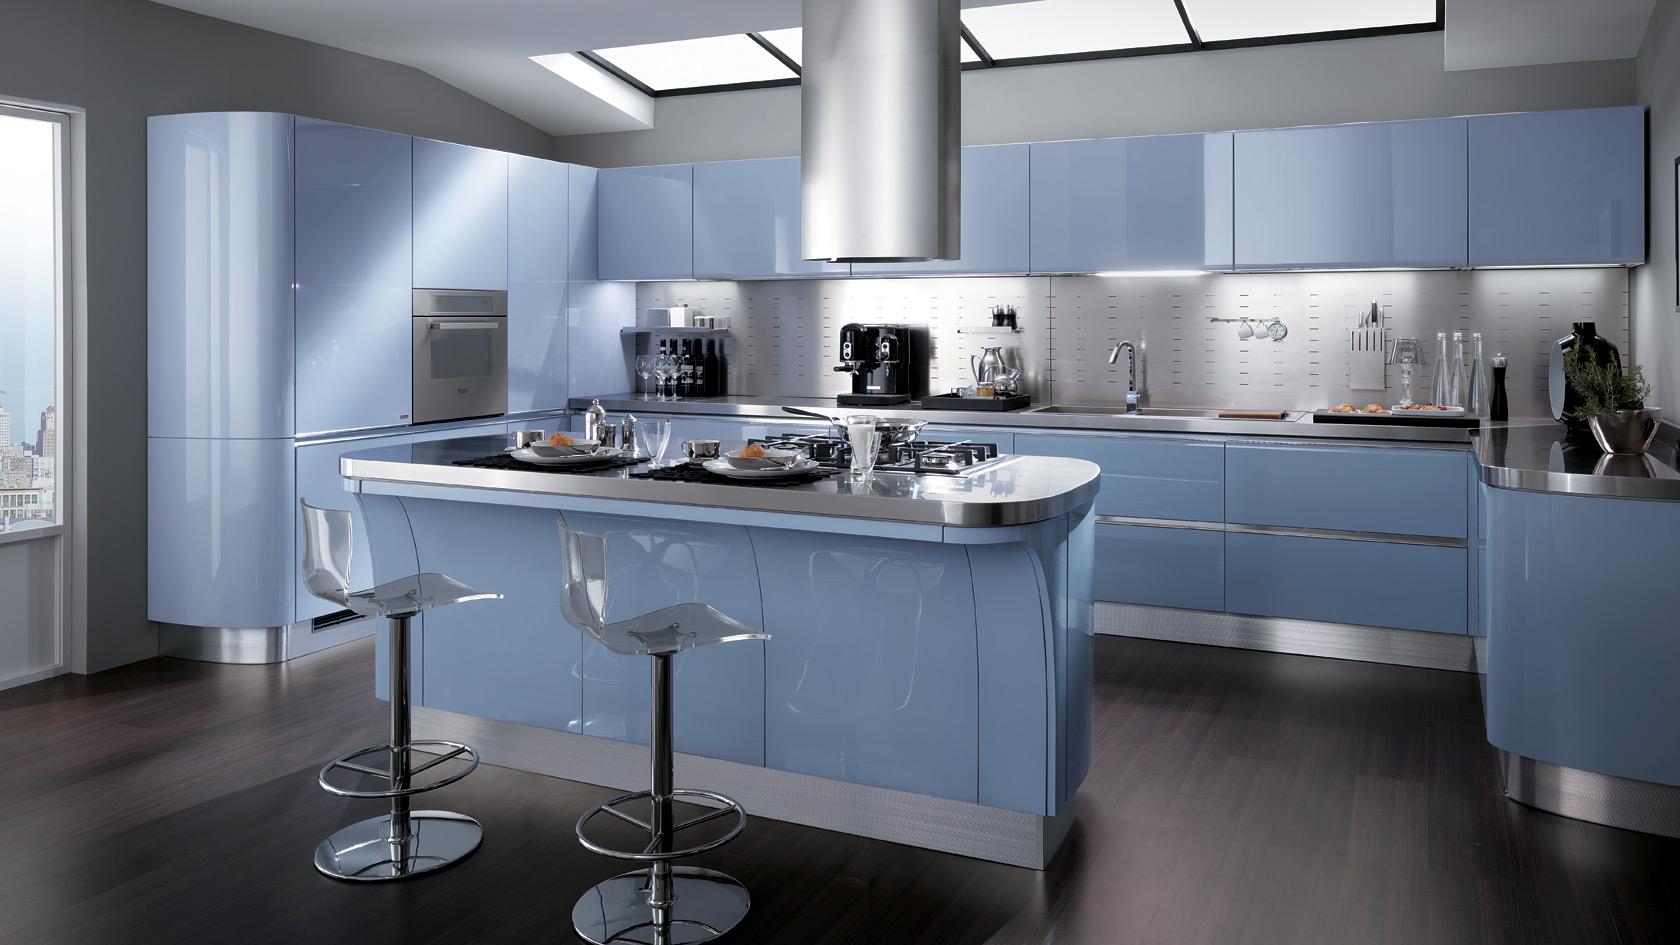 Stunning Cucina Flux Scavolini Prezzo Contemporary - Design ...